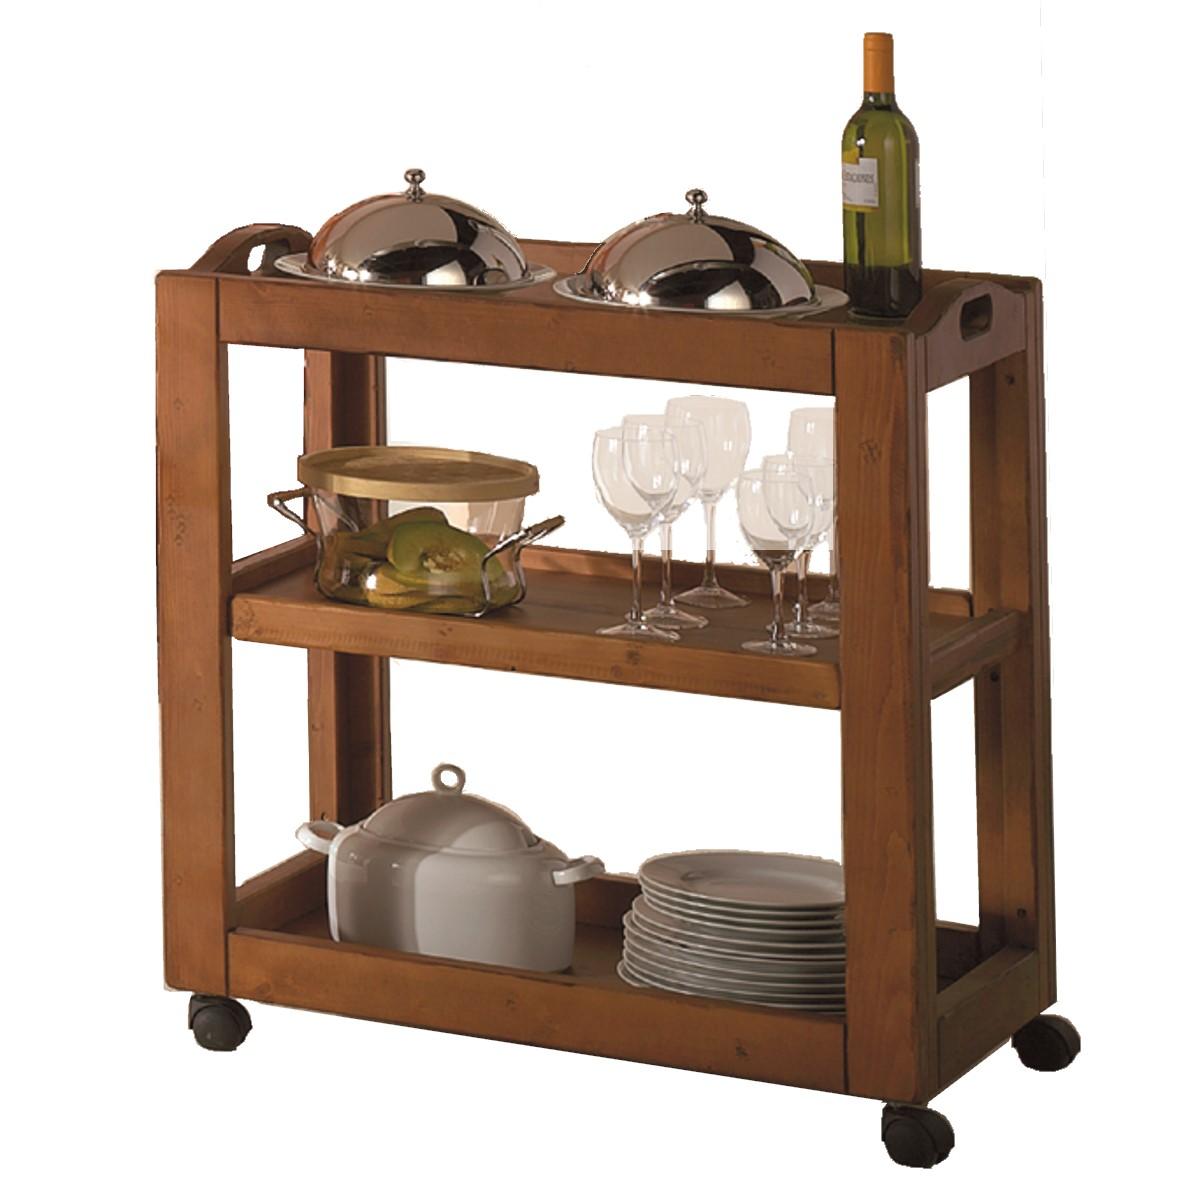 Carrito auxiliar r stico de madera ecor stico venta de for Mueble auxiliar rustico